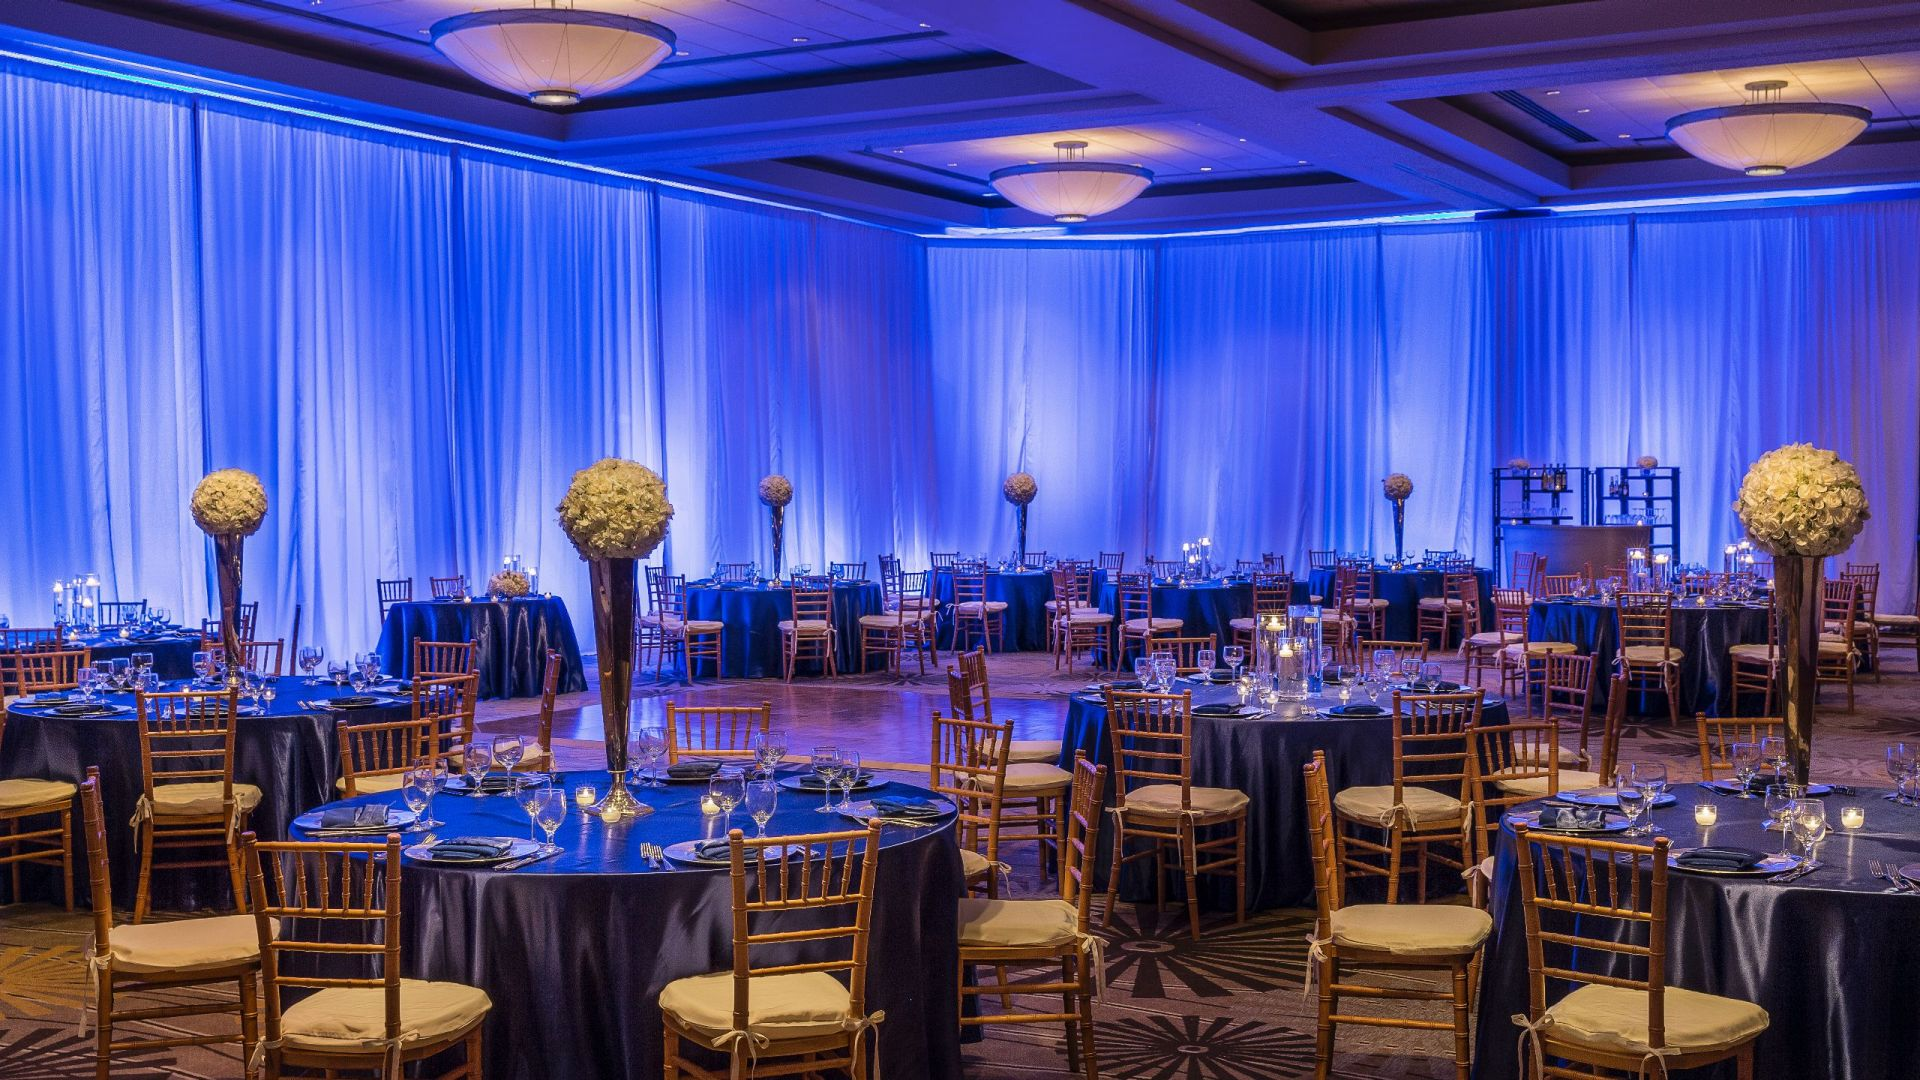 Hyatt Regency Sarasota Special Event Venue